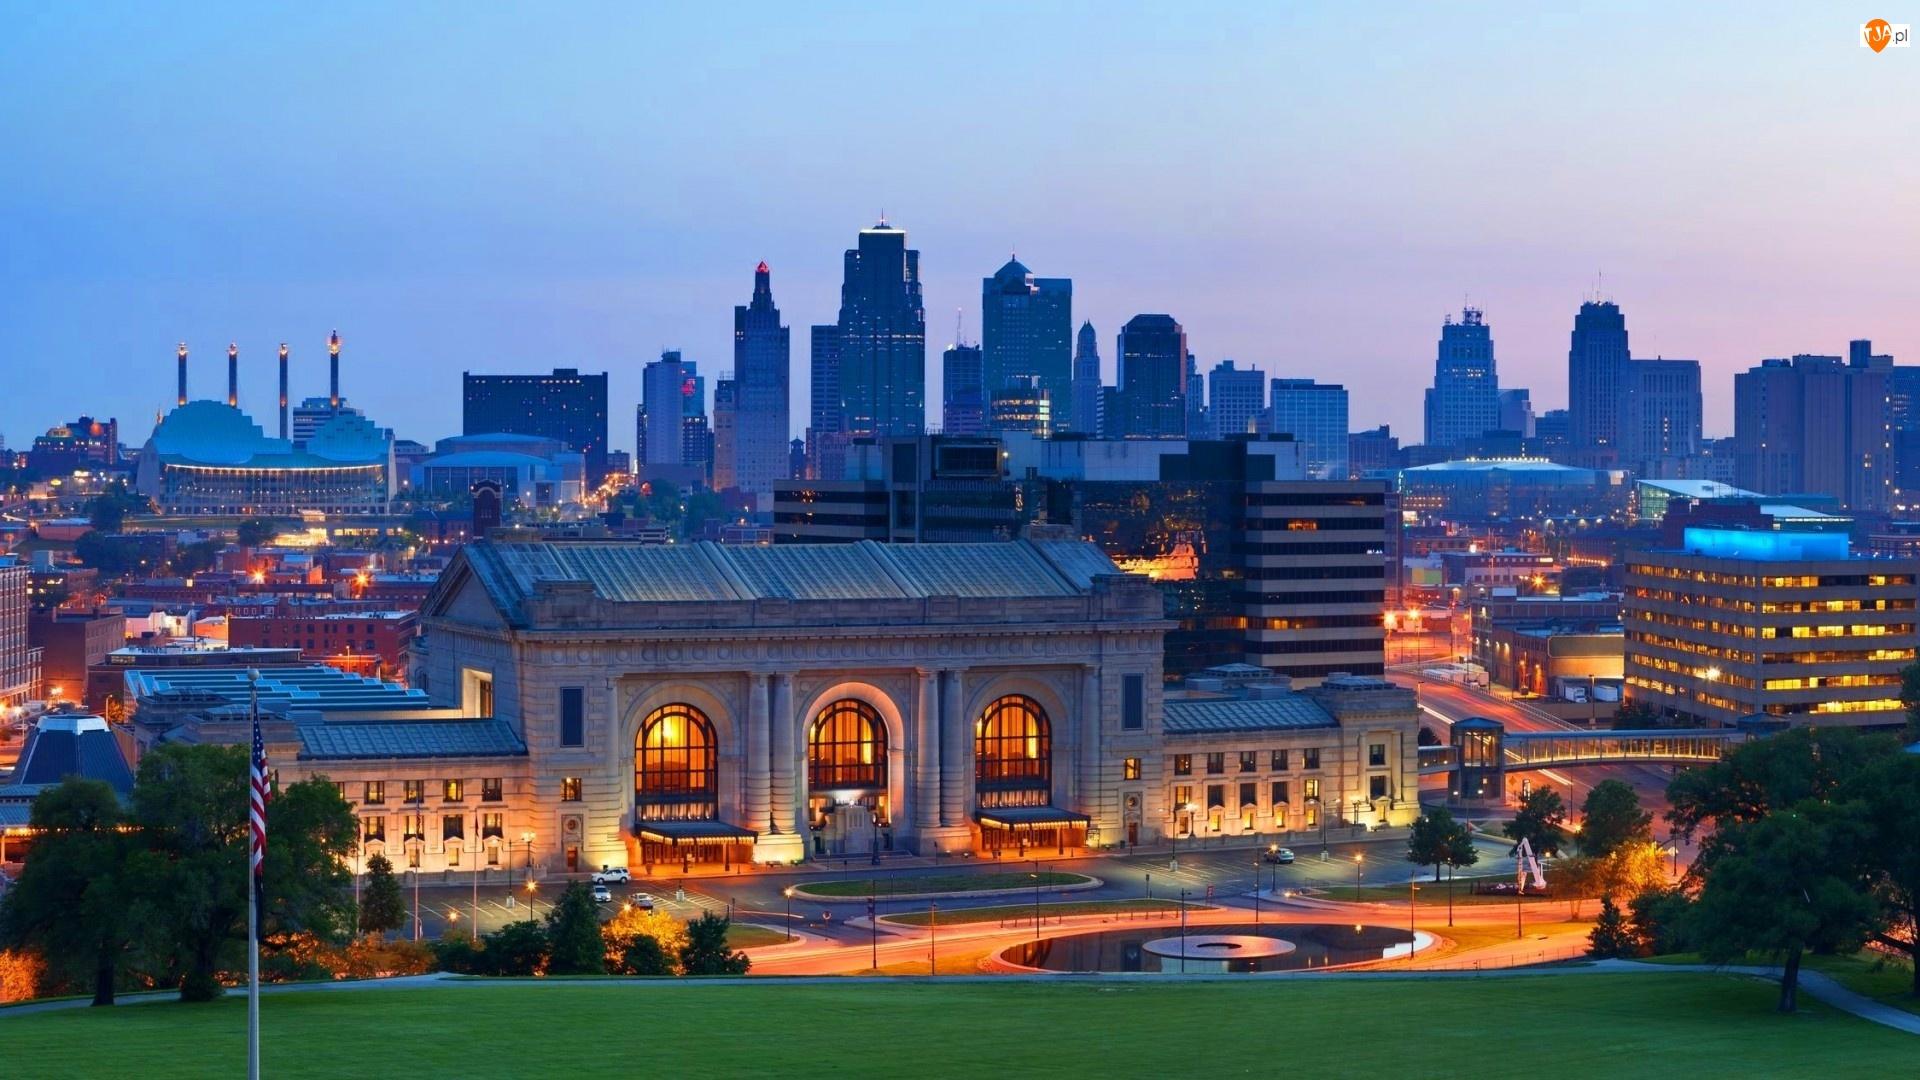 Kolejowy, Kansas, Stary, Miasto, Dworzec